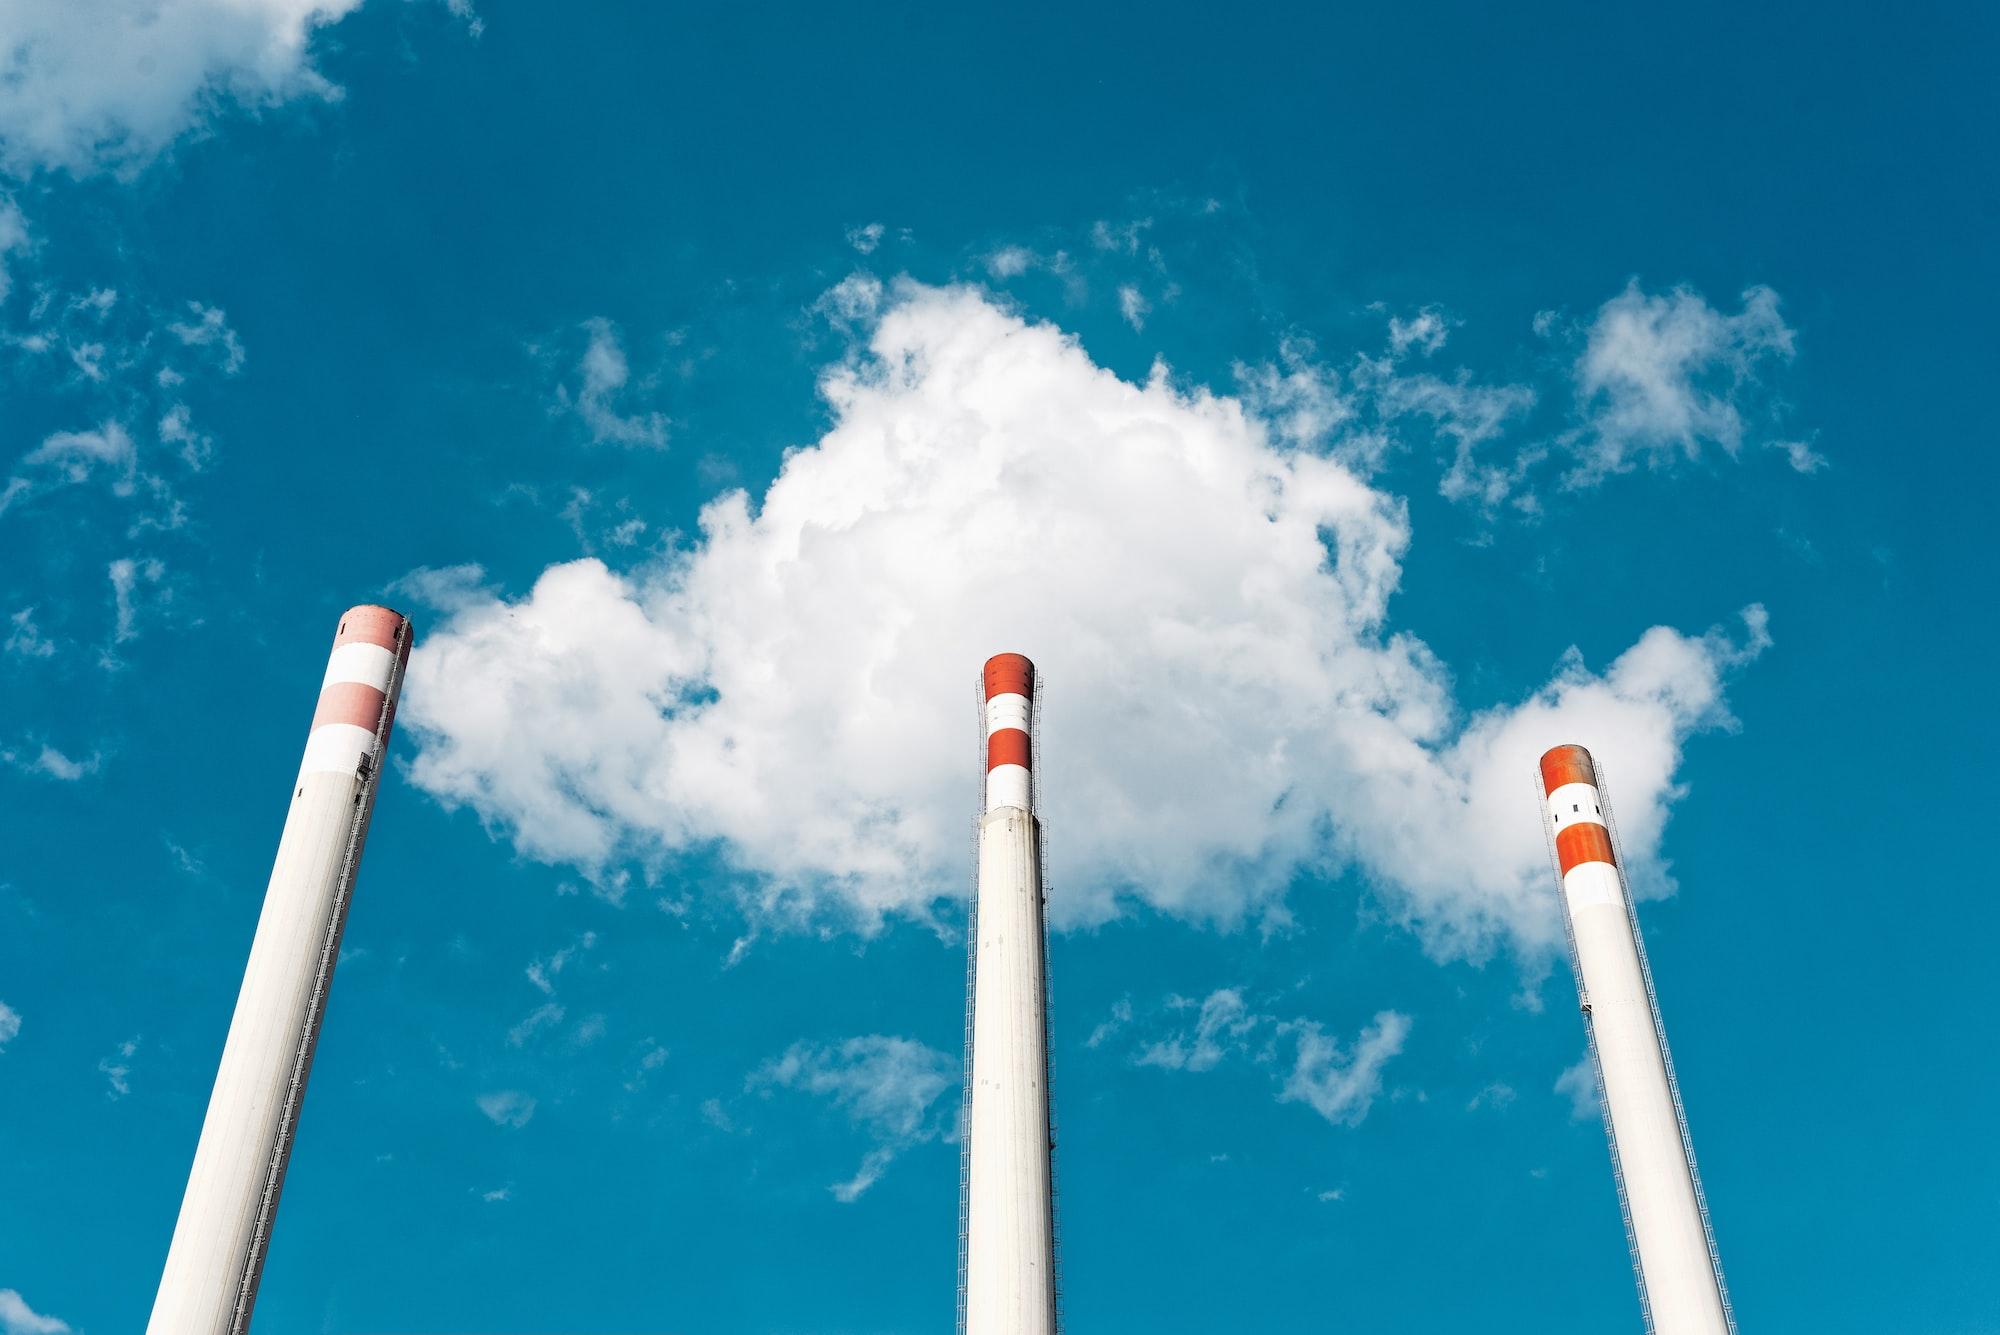 โรงไฟฟ้าประเทศอิหร่านเร่งส่งพลังงานให้ฟาร์มขุดเจาะ Bitcoin